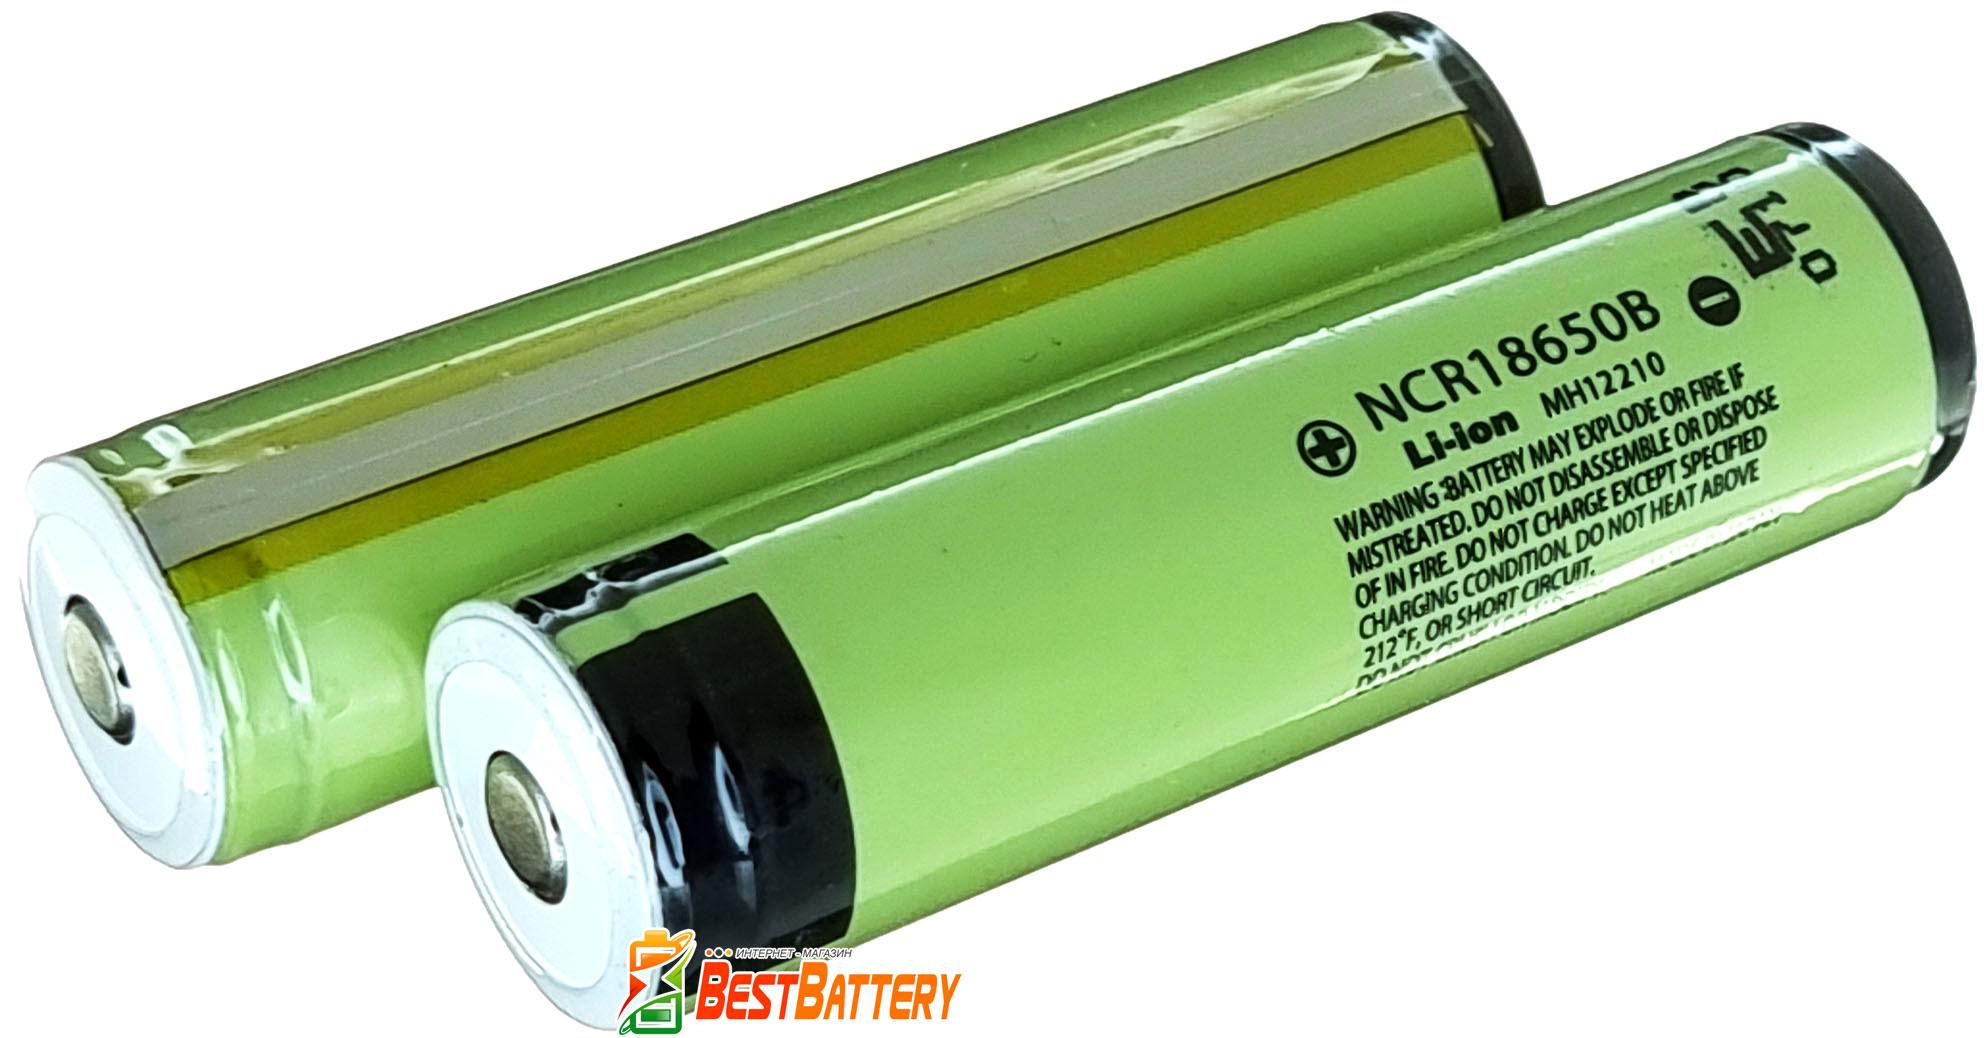 Panasonic NCR18650B 3400 mAh с защитой (Protected) - оригинальные японские Li-ion аккумуляторы.